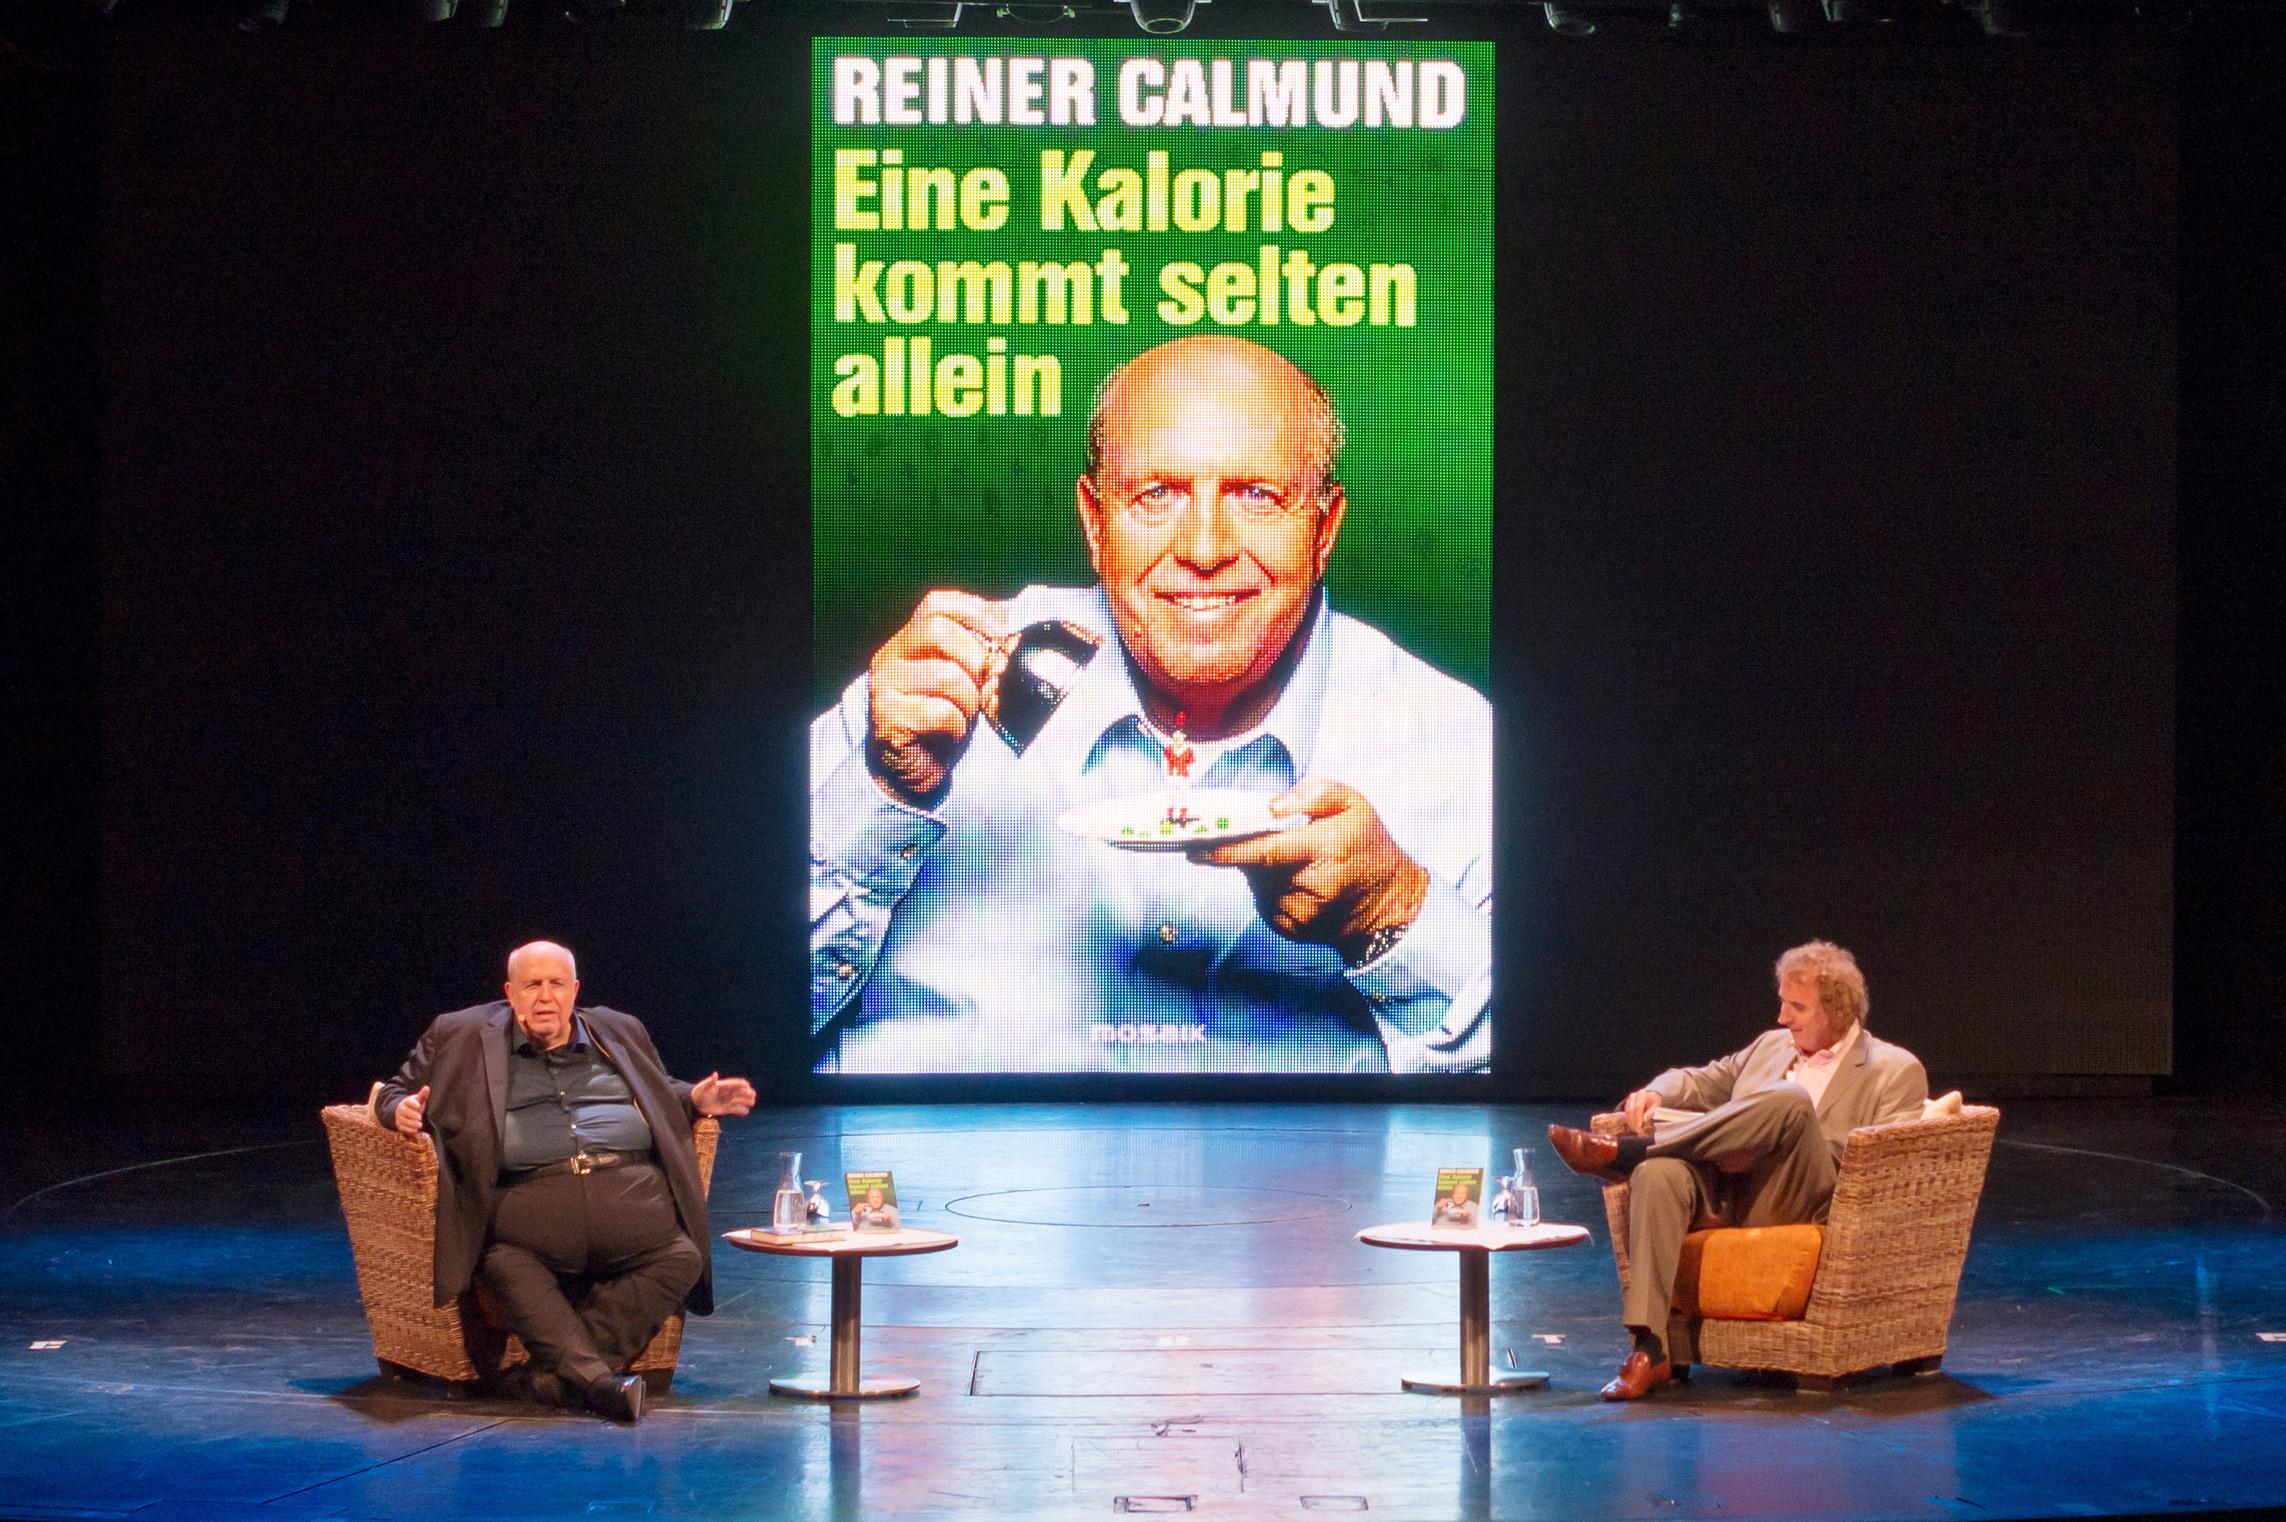 """""""Eine Kalorie kommt selten allein"""": Reiner Calmund stellt sein Buch auf der Mein Schiff 1 vor"""